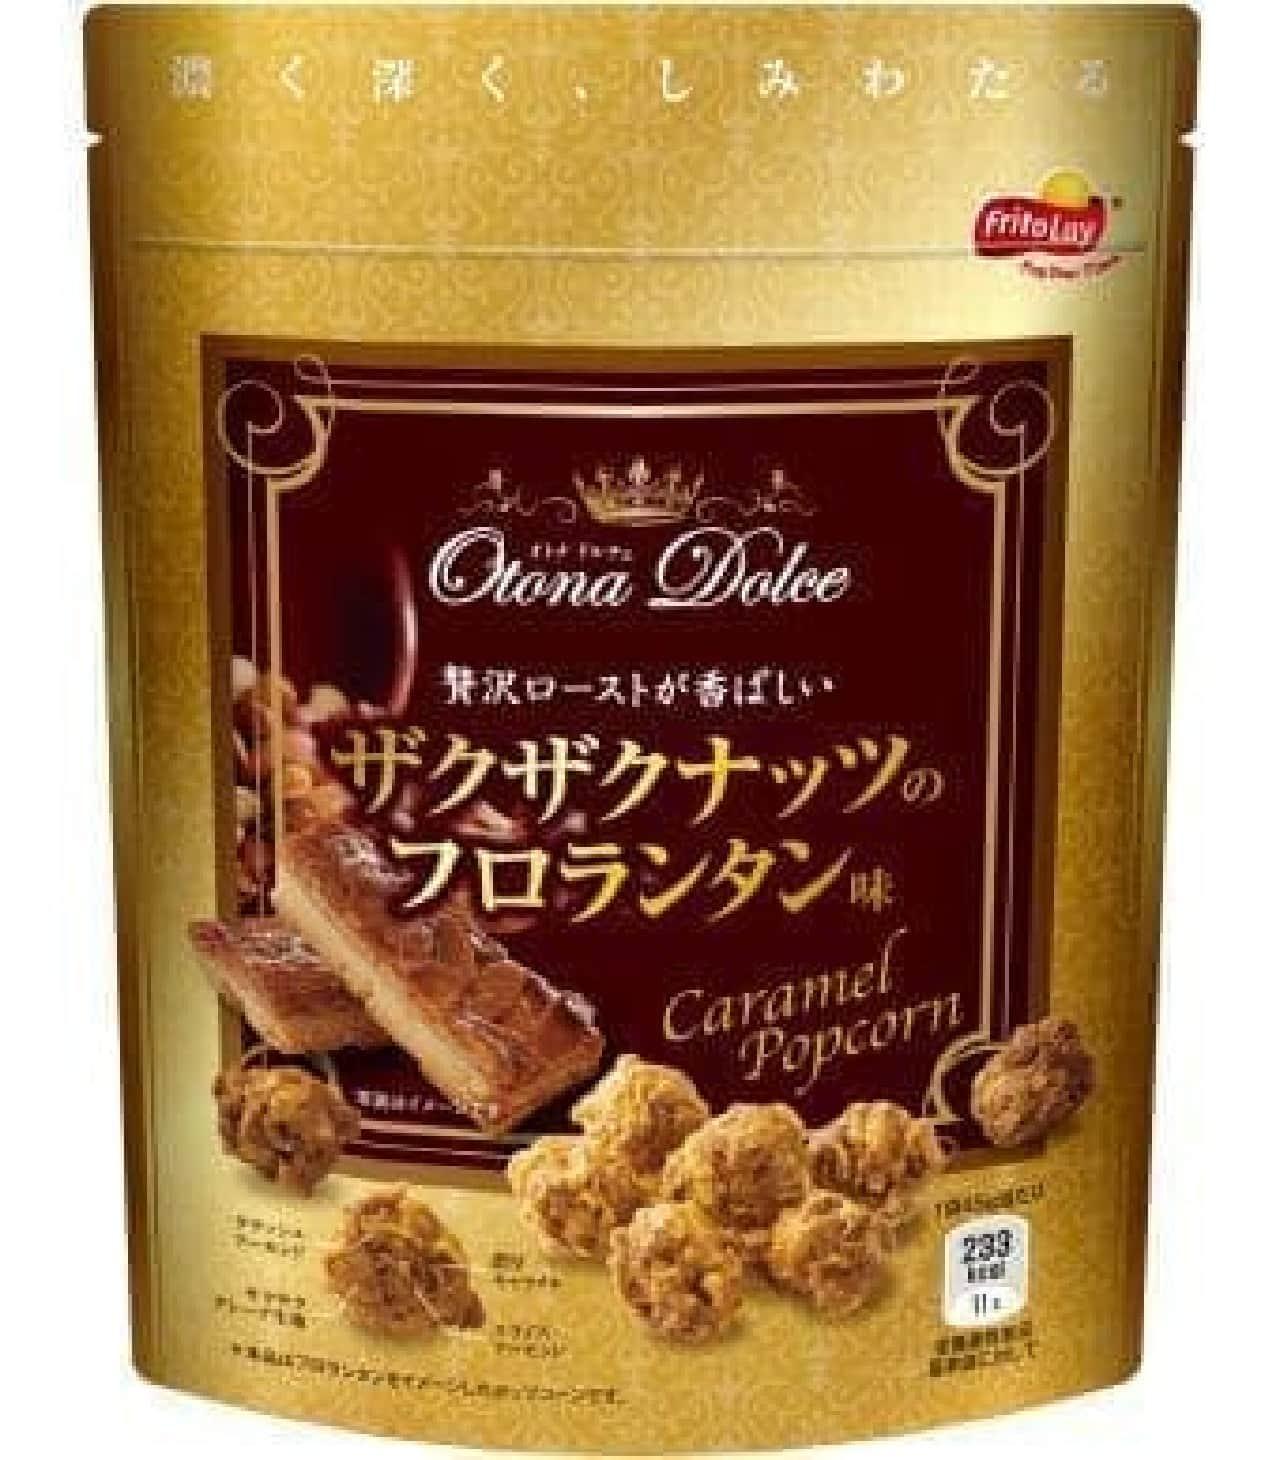 ジャパンフリトレー「Otona Dolceザクザクナッツのフロランタン味」